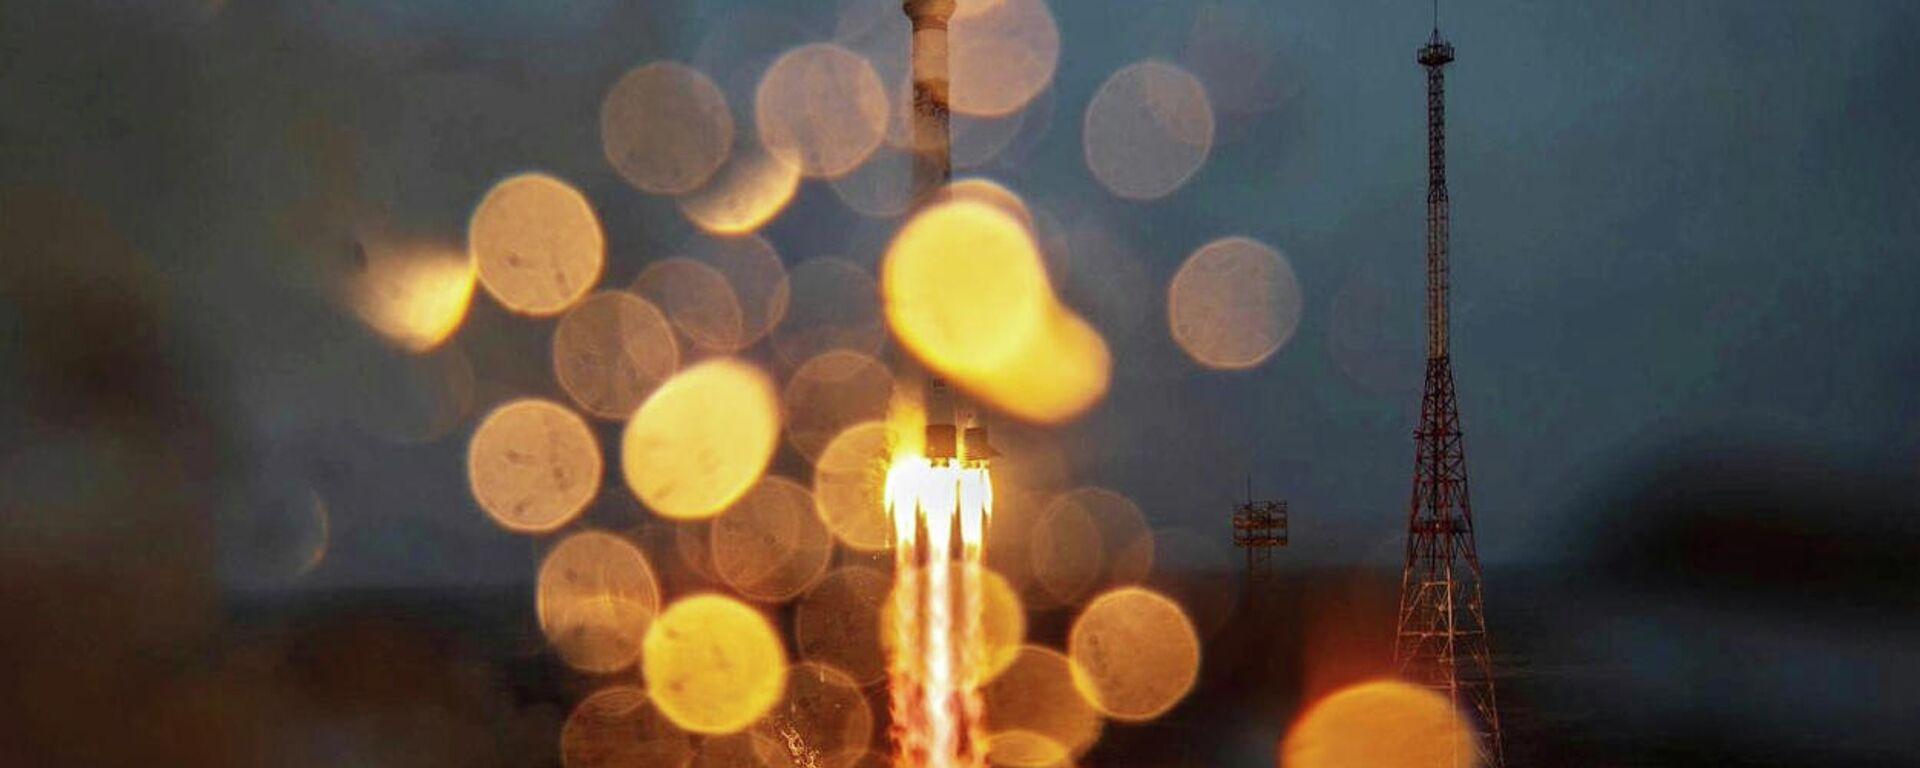 Cohete Soyz-2.1a - Sputnik Mundo, 1920, 13.06.2021